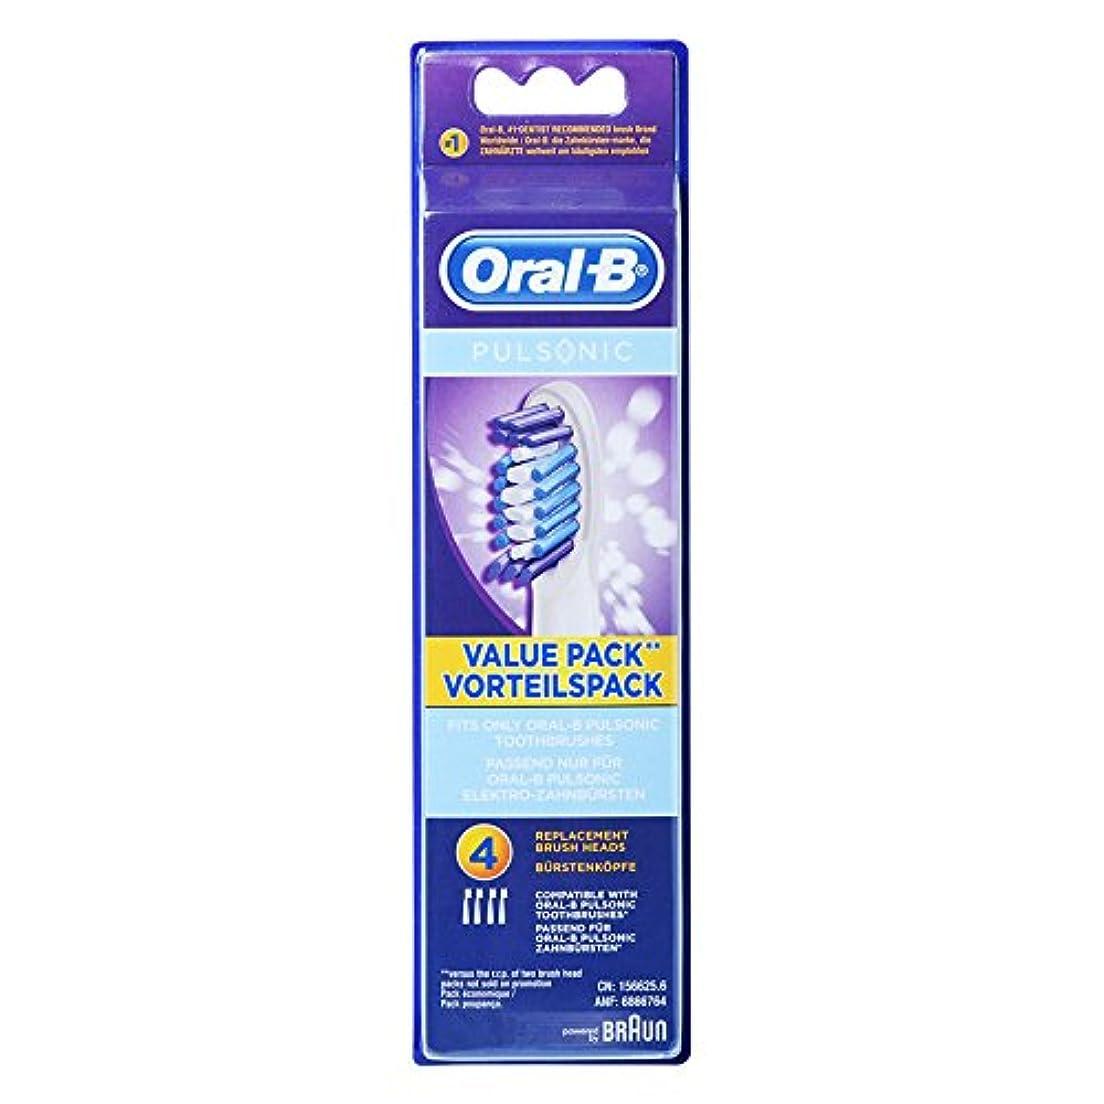 作曲する小道迷彩Braun Oral-B SR32-4 Pulsonic Value Pack 交換用ブラシヘッド 1Pack [並行輸入品]